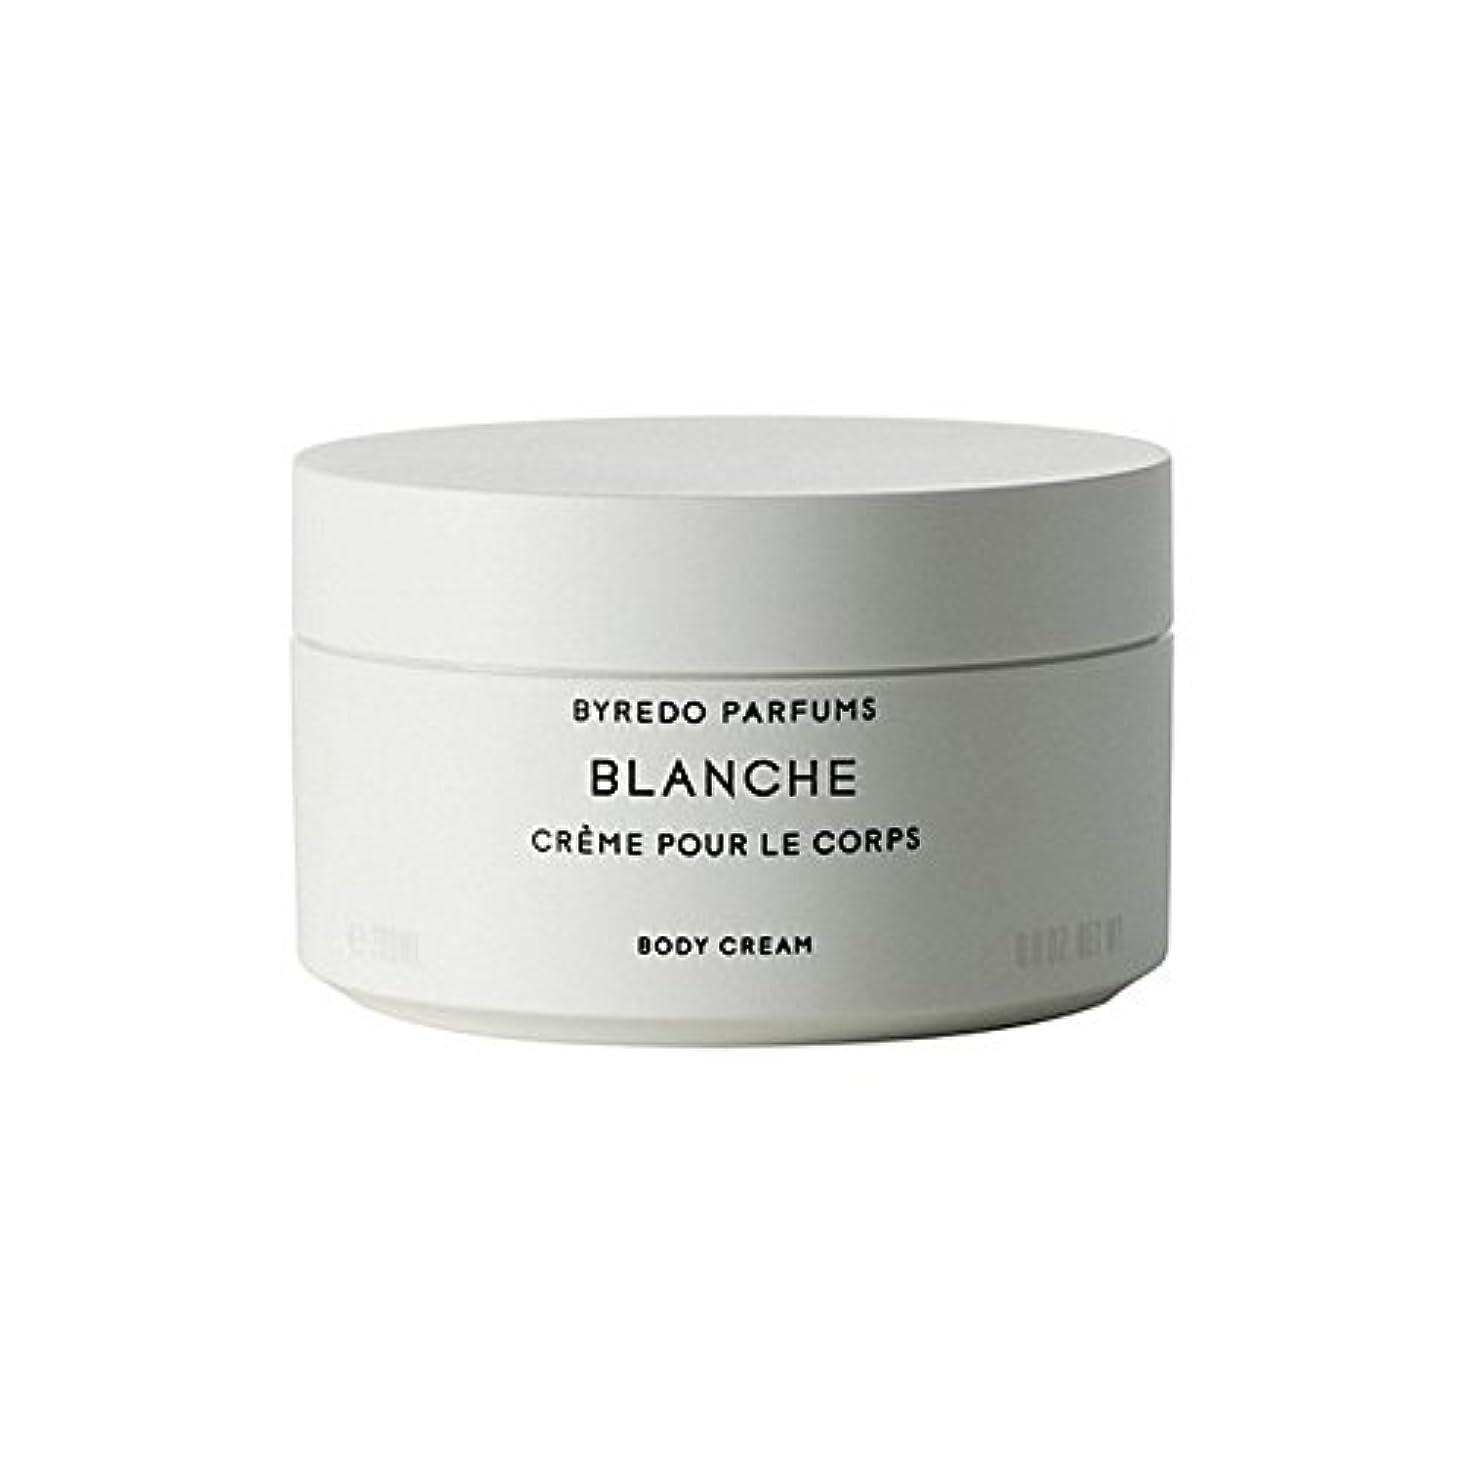 レンダリングインストラクター知覚的Byredo Blanche Body Cream 200ml (Pack of 6) - ブランシュボディクリーム200ミリリットル x6 [並行輸入品]